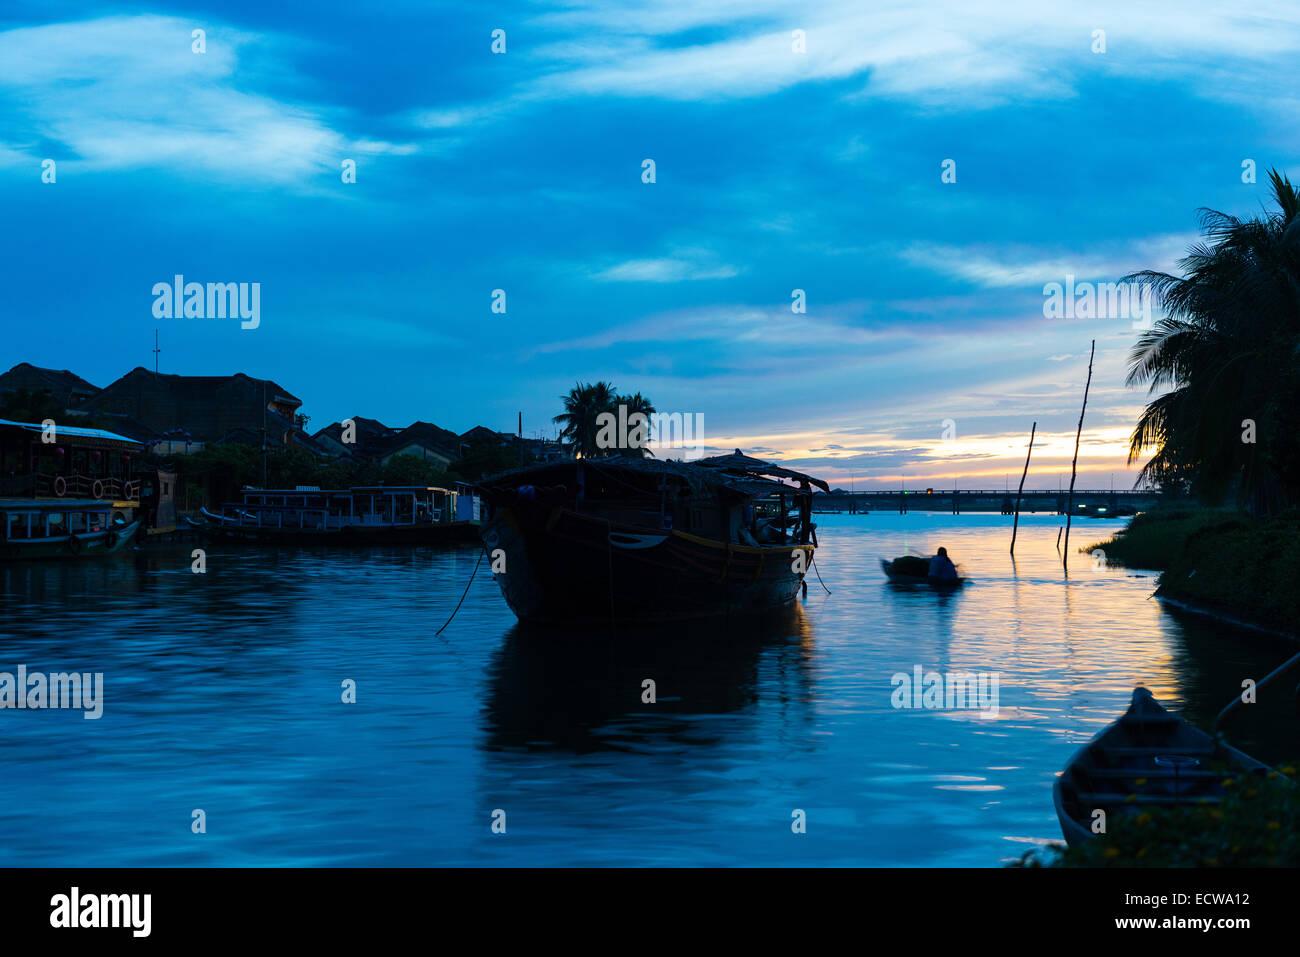 Lever de soleil sur la rivière Thu Bon et bateaux de pêche Photo Stock